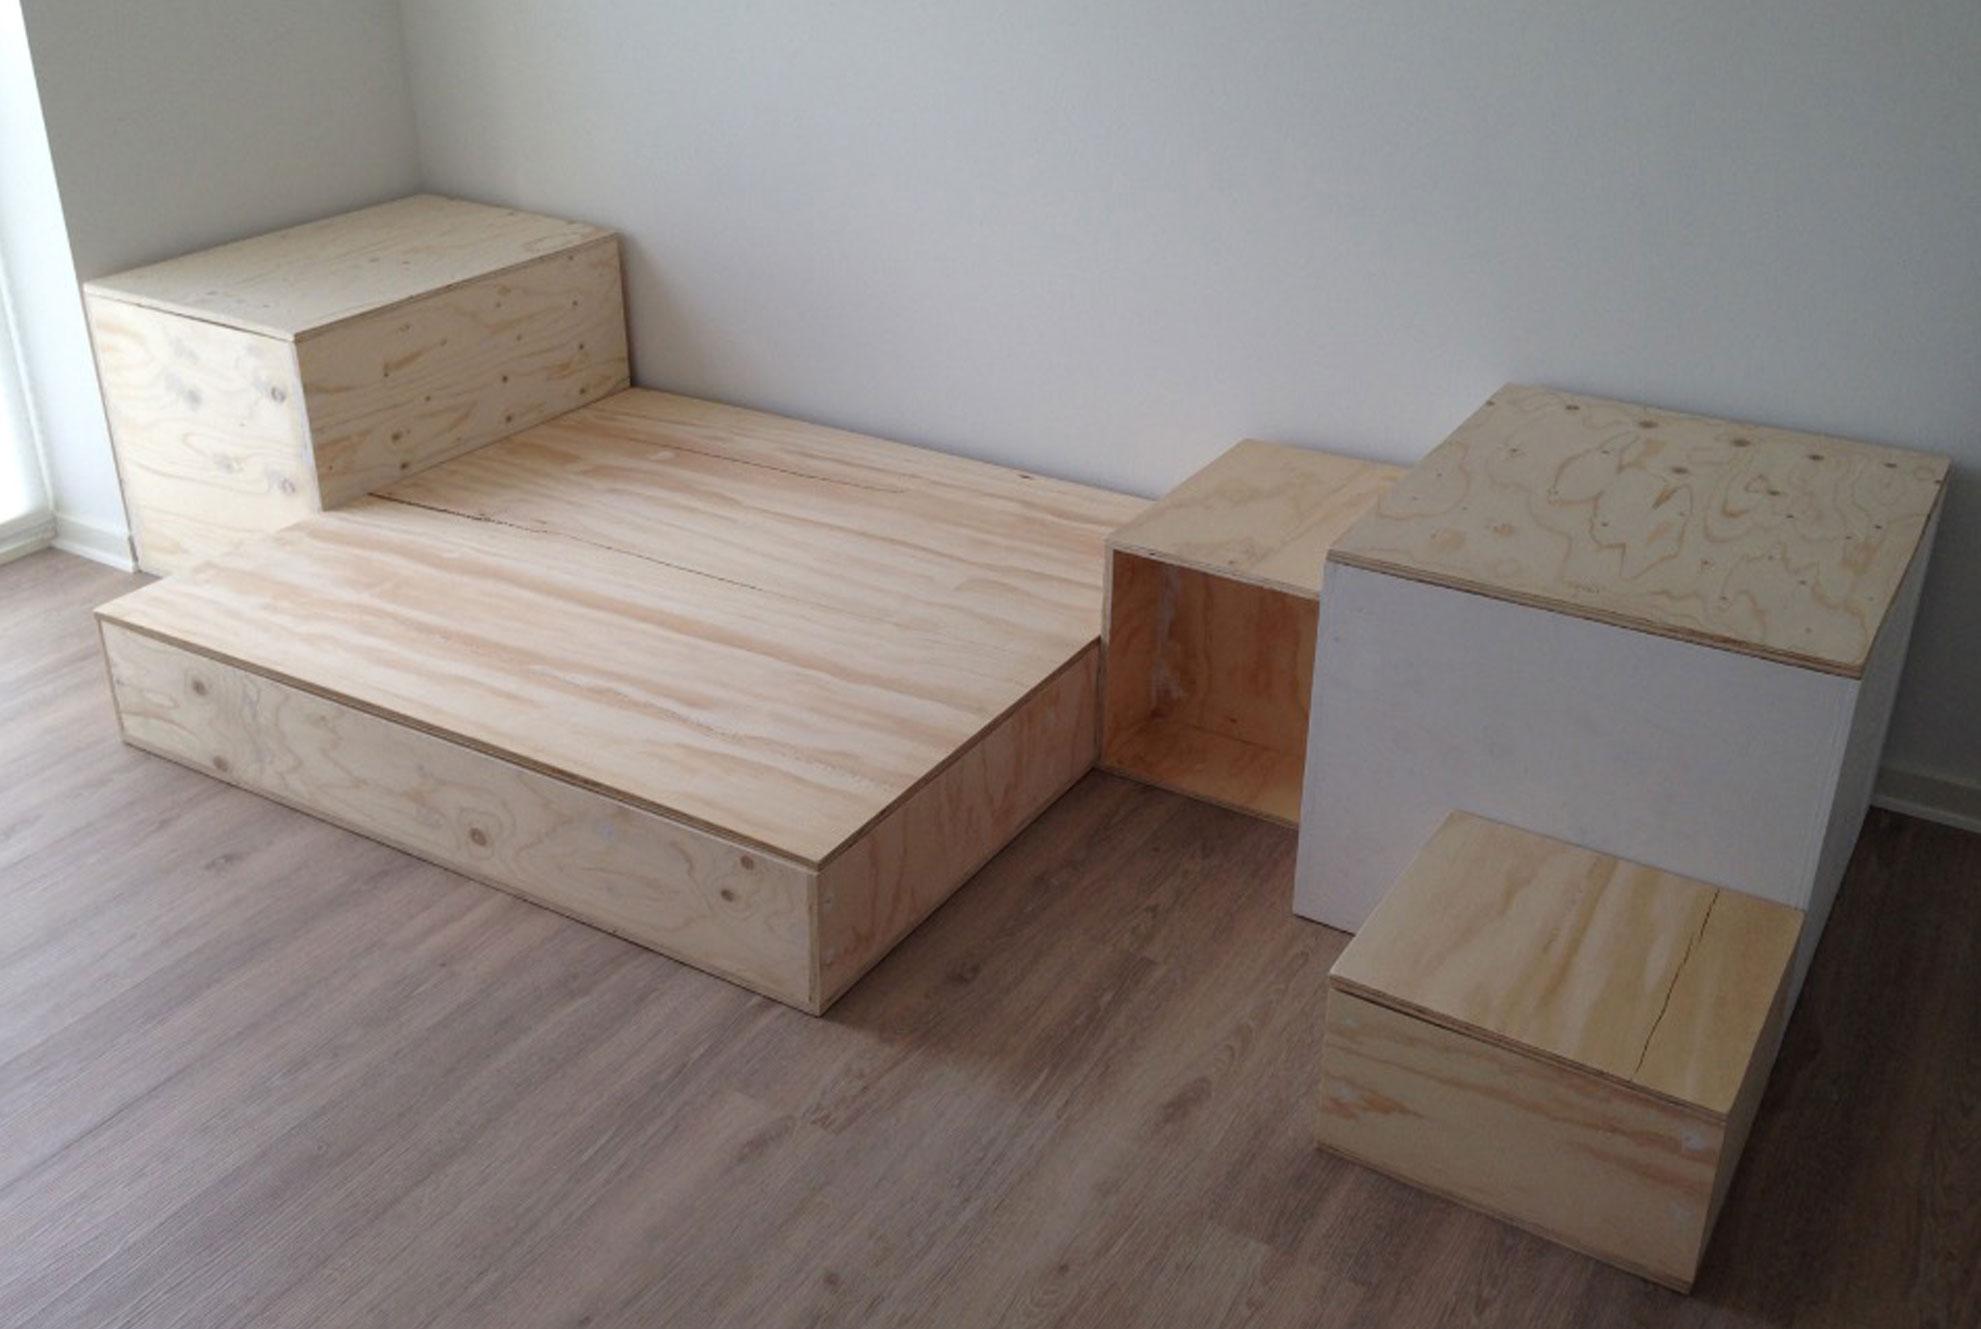 Hænge-ud-møbel krydsfiner